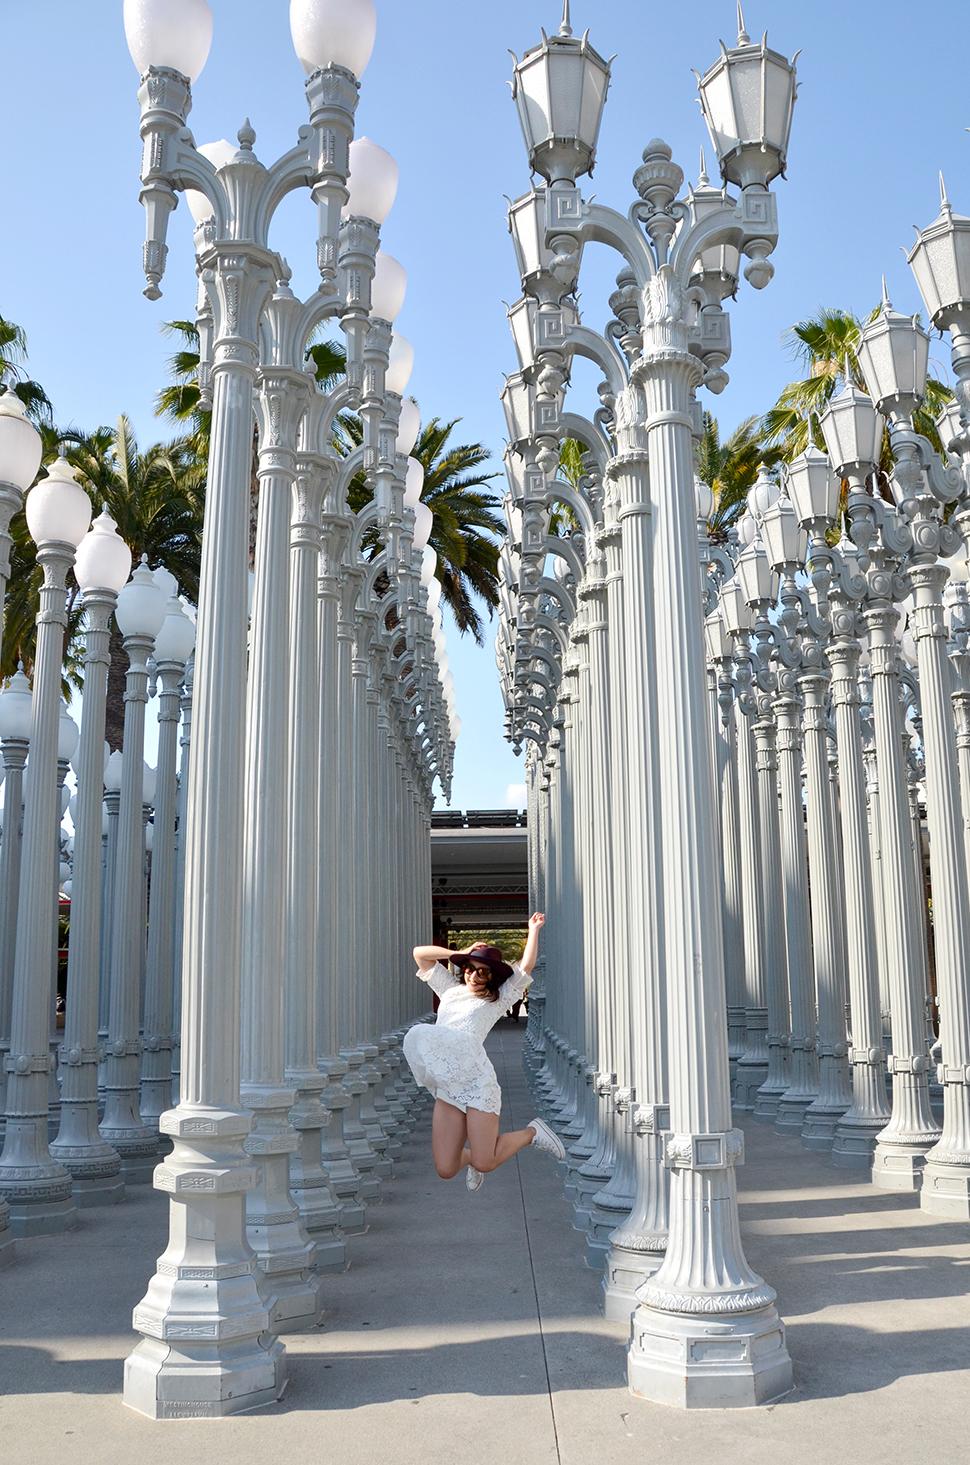 Helloitsvalentine_LosAngeles_Californie_91